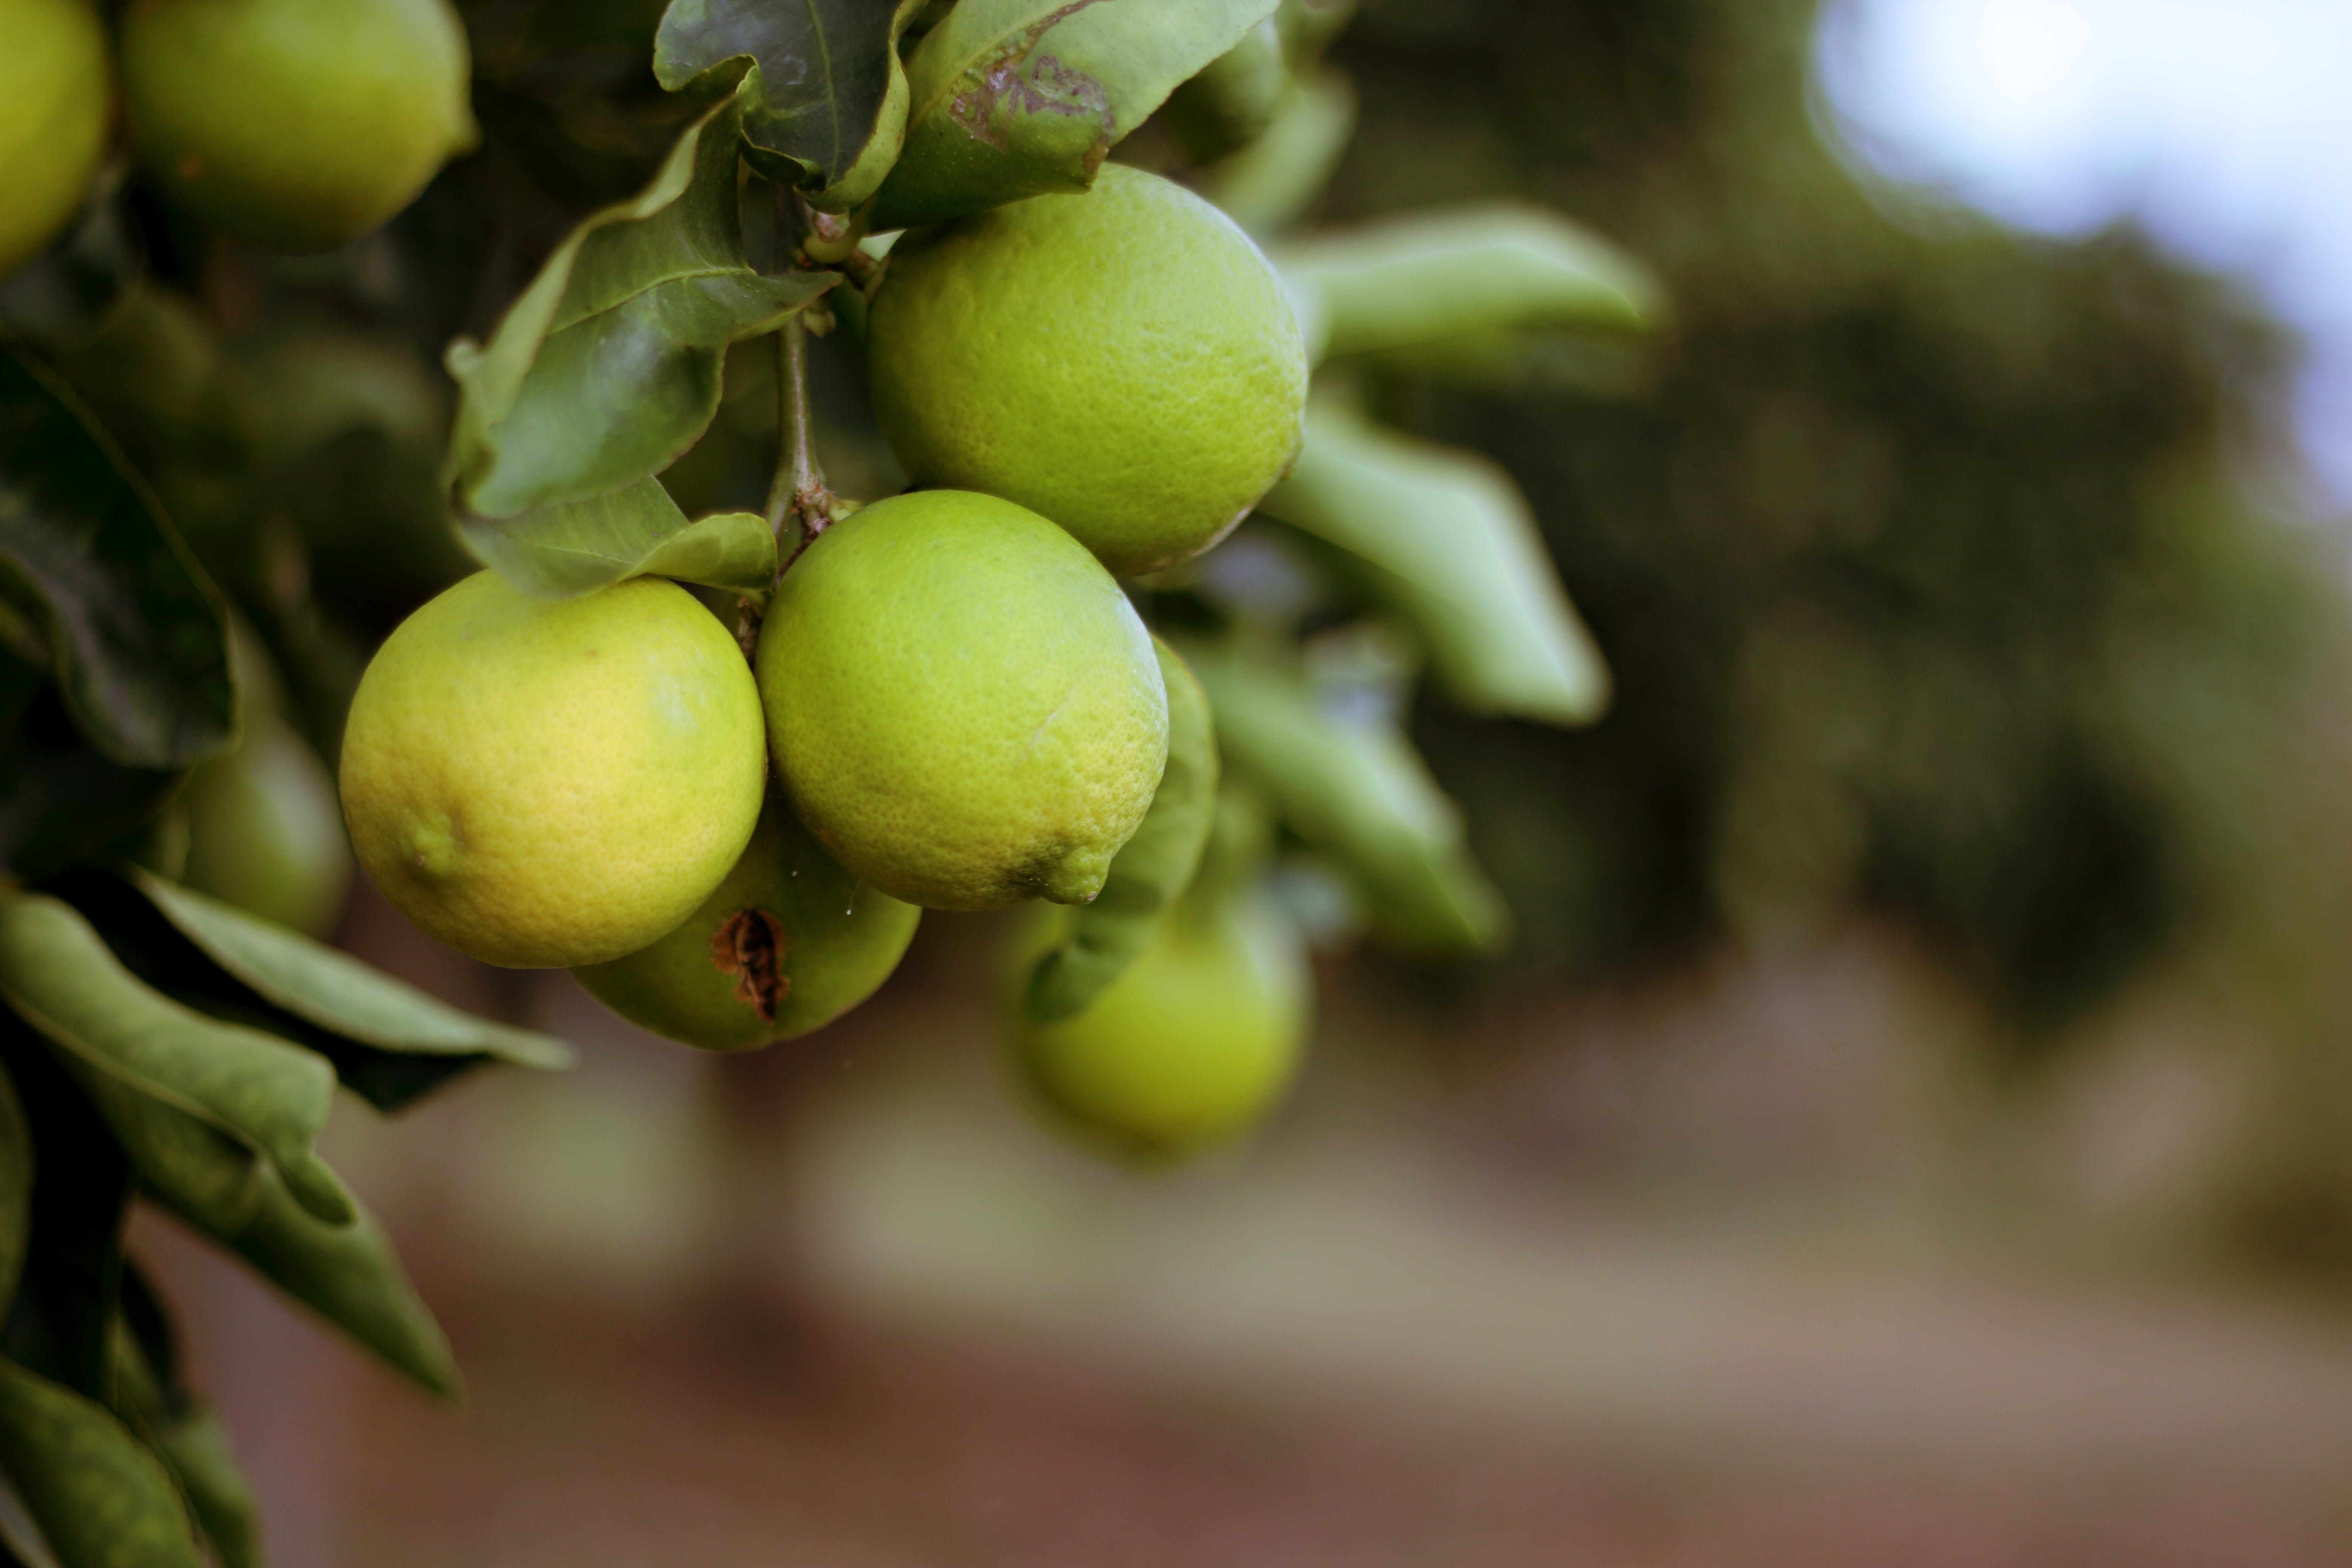 Δωρεάν στοκ φωτογραφιών με αγρόκτημα, γινωμένος, δέντρο, καρπός